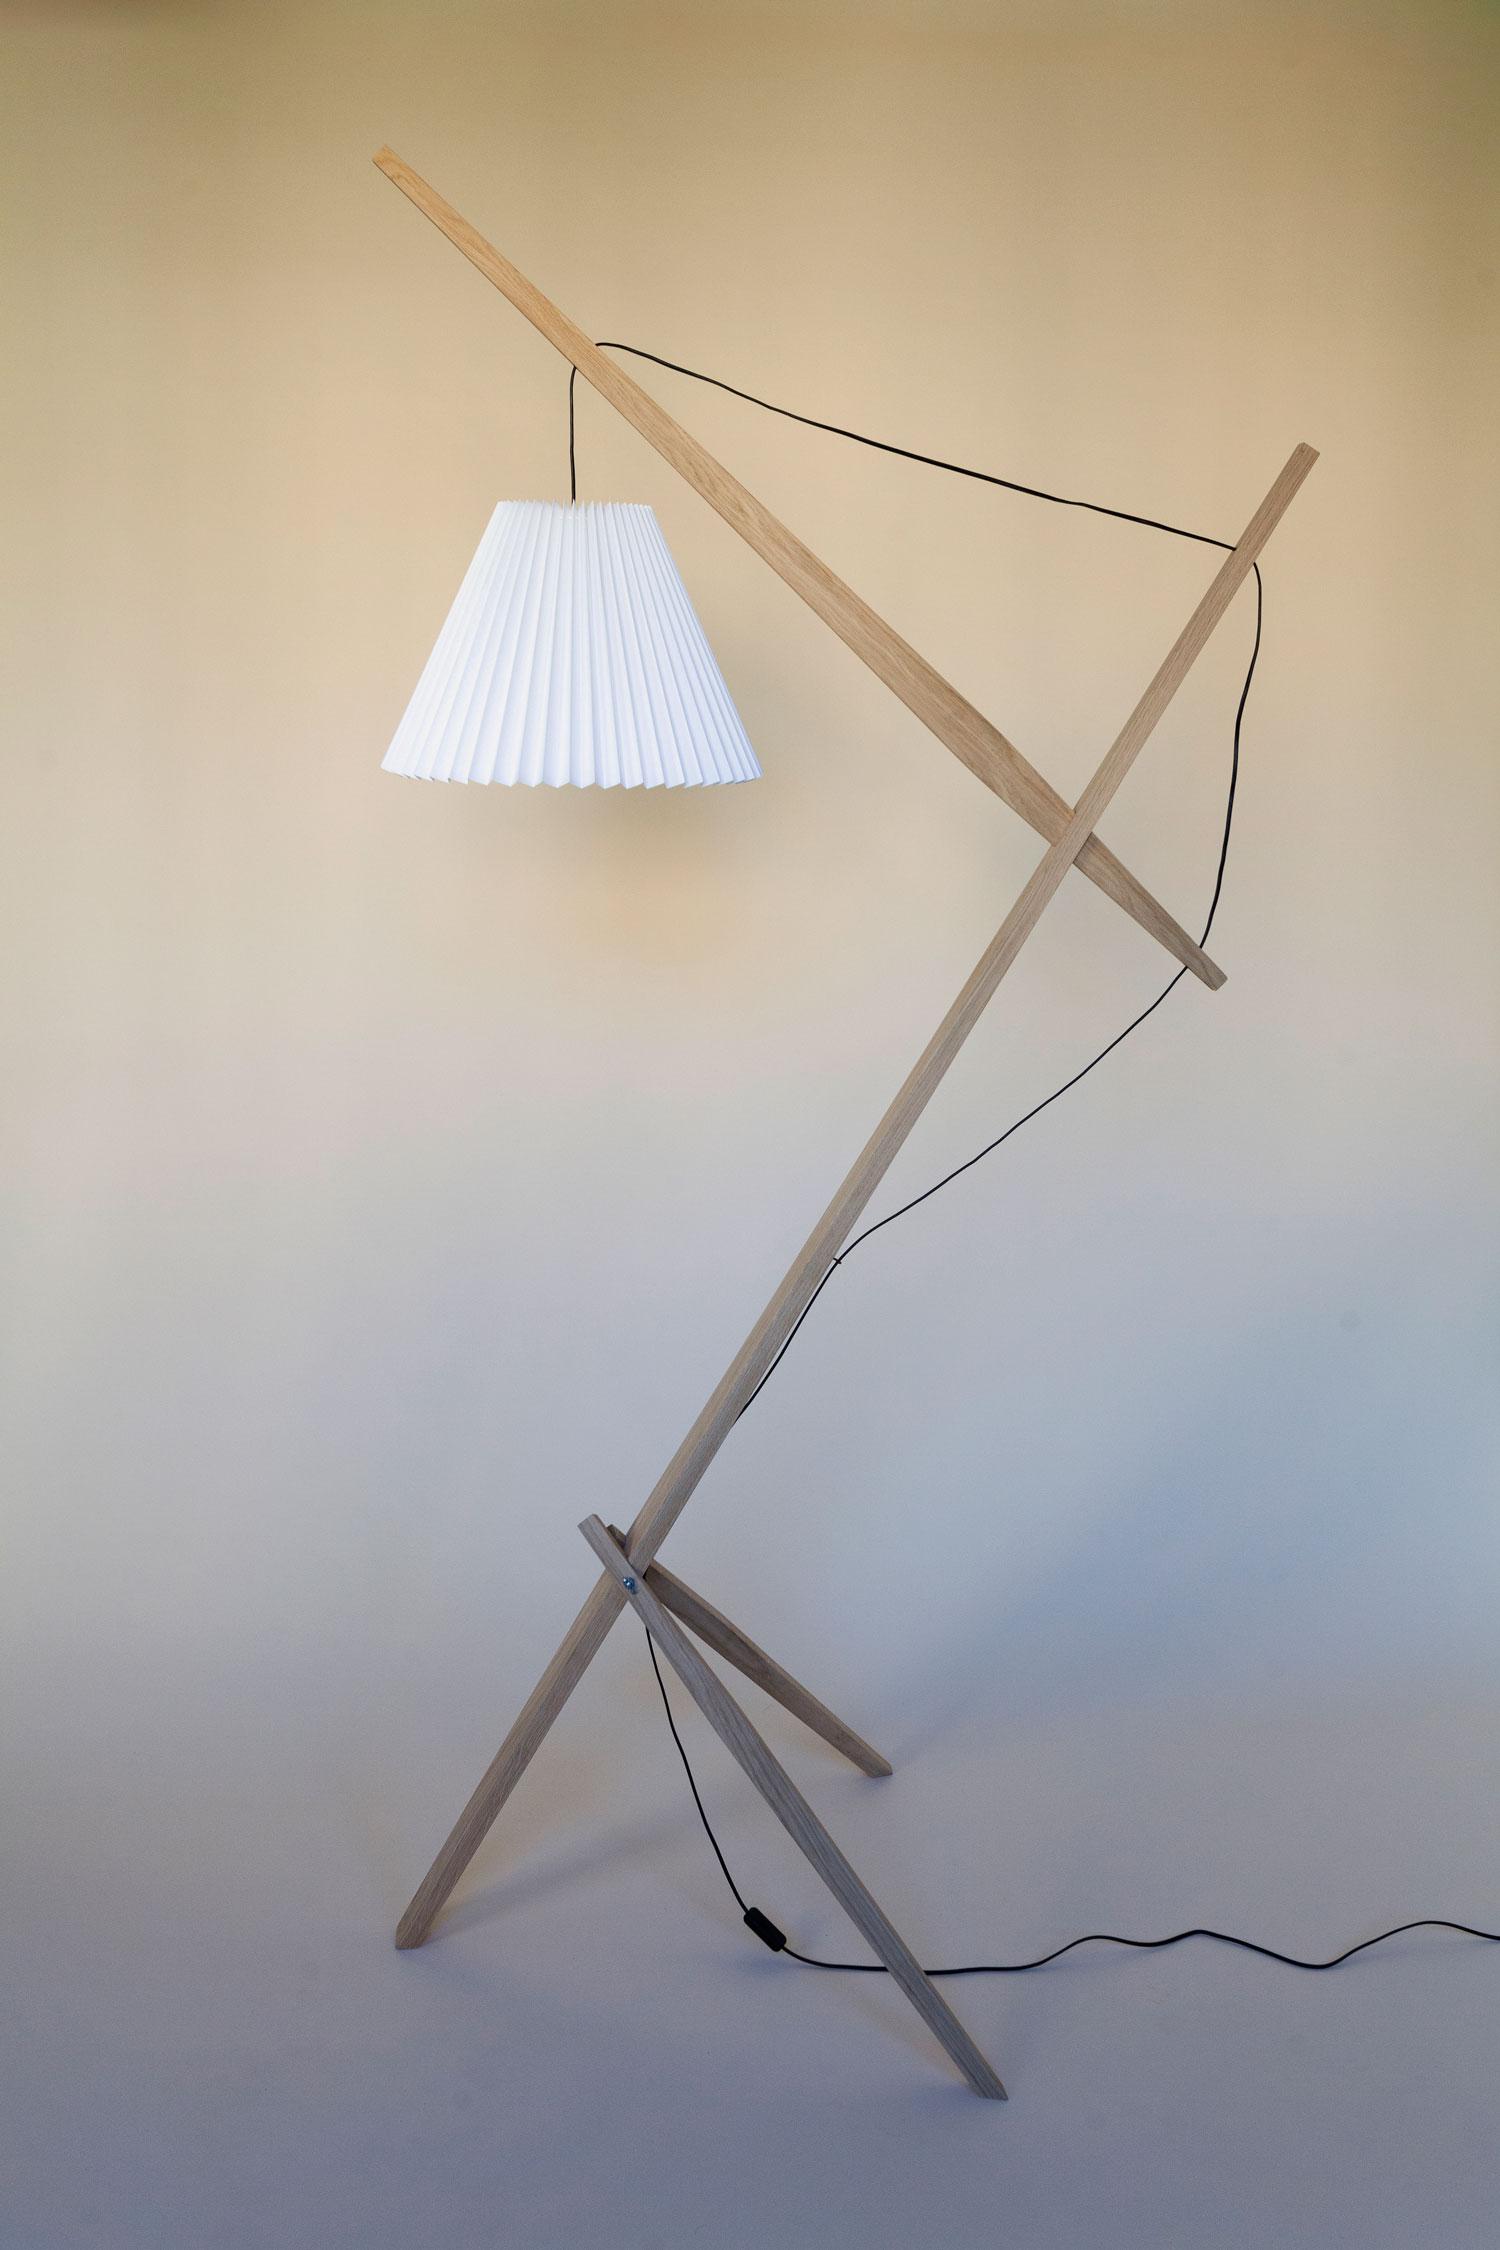 Gulvlampe kaldet Rosa lamp består af en trækonstruktion i dansk FSC-mærket eg fra et savværk i Enderslev, mens lampeskærmen i hvid – Gert lampshade – er produceret på en dansk familieejet lampefabrik. Lampen har et højt og lidt ranglet design, der måske kan skabe associationer til en giraf eller en gammel dame. Designet er let og elegant og med et fokus på ledningen, som i designs oftest gemmes væk. Rosa lanceres med 4 forskellige skærmfarver i smukke pastelagtige farver nemlig blå, mint, salmon og hvid.